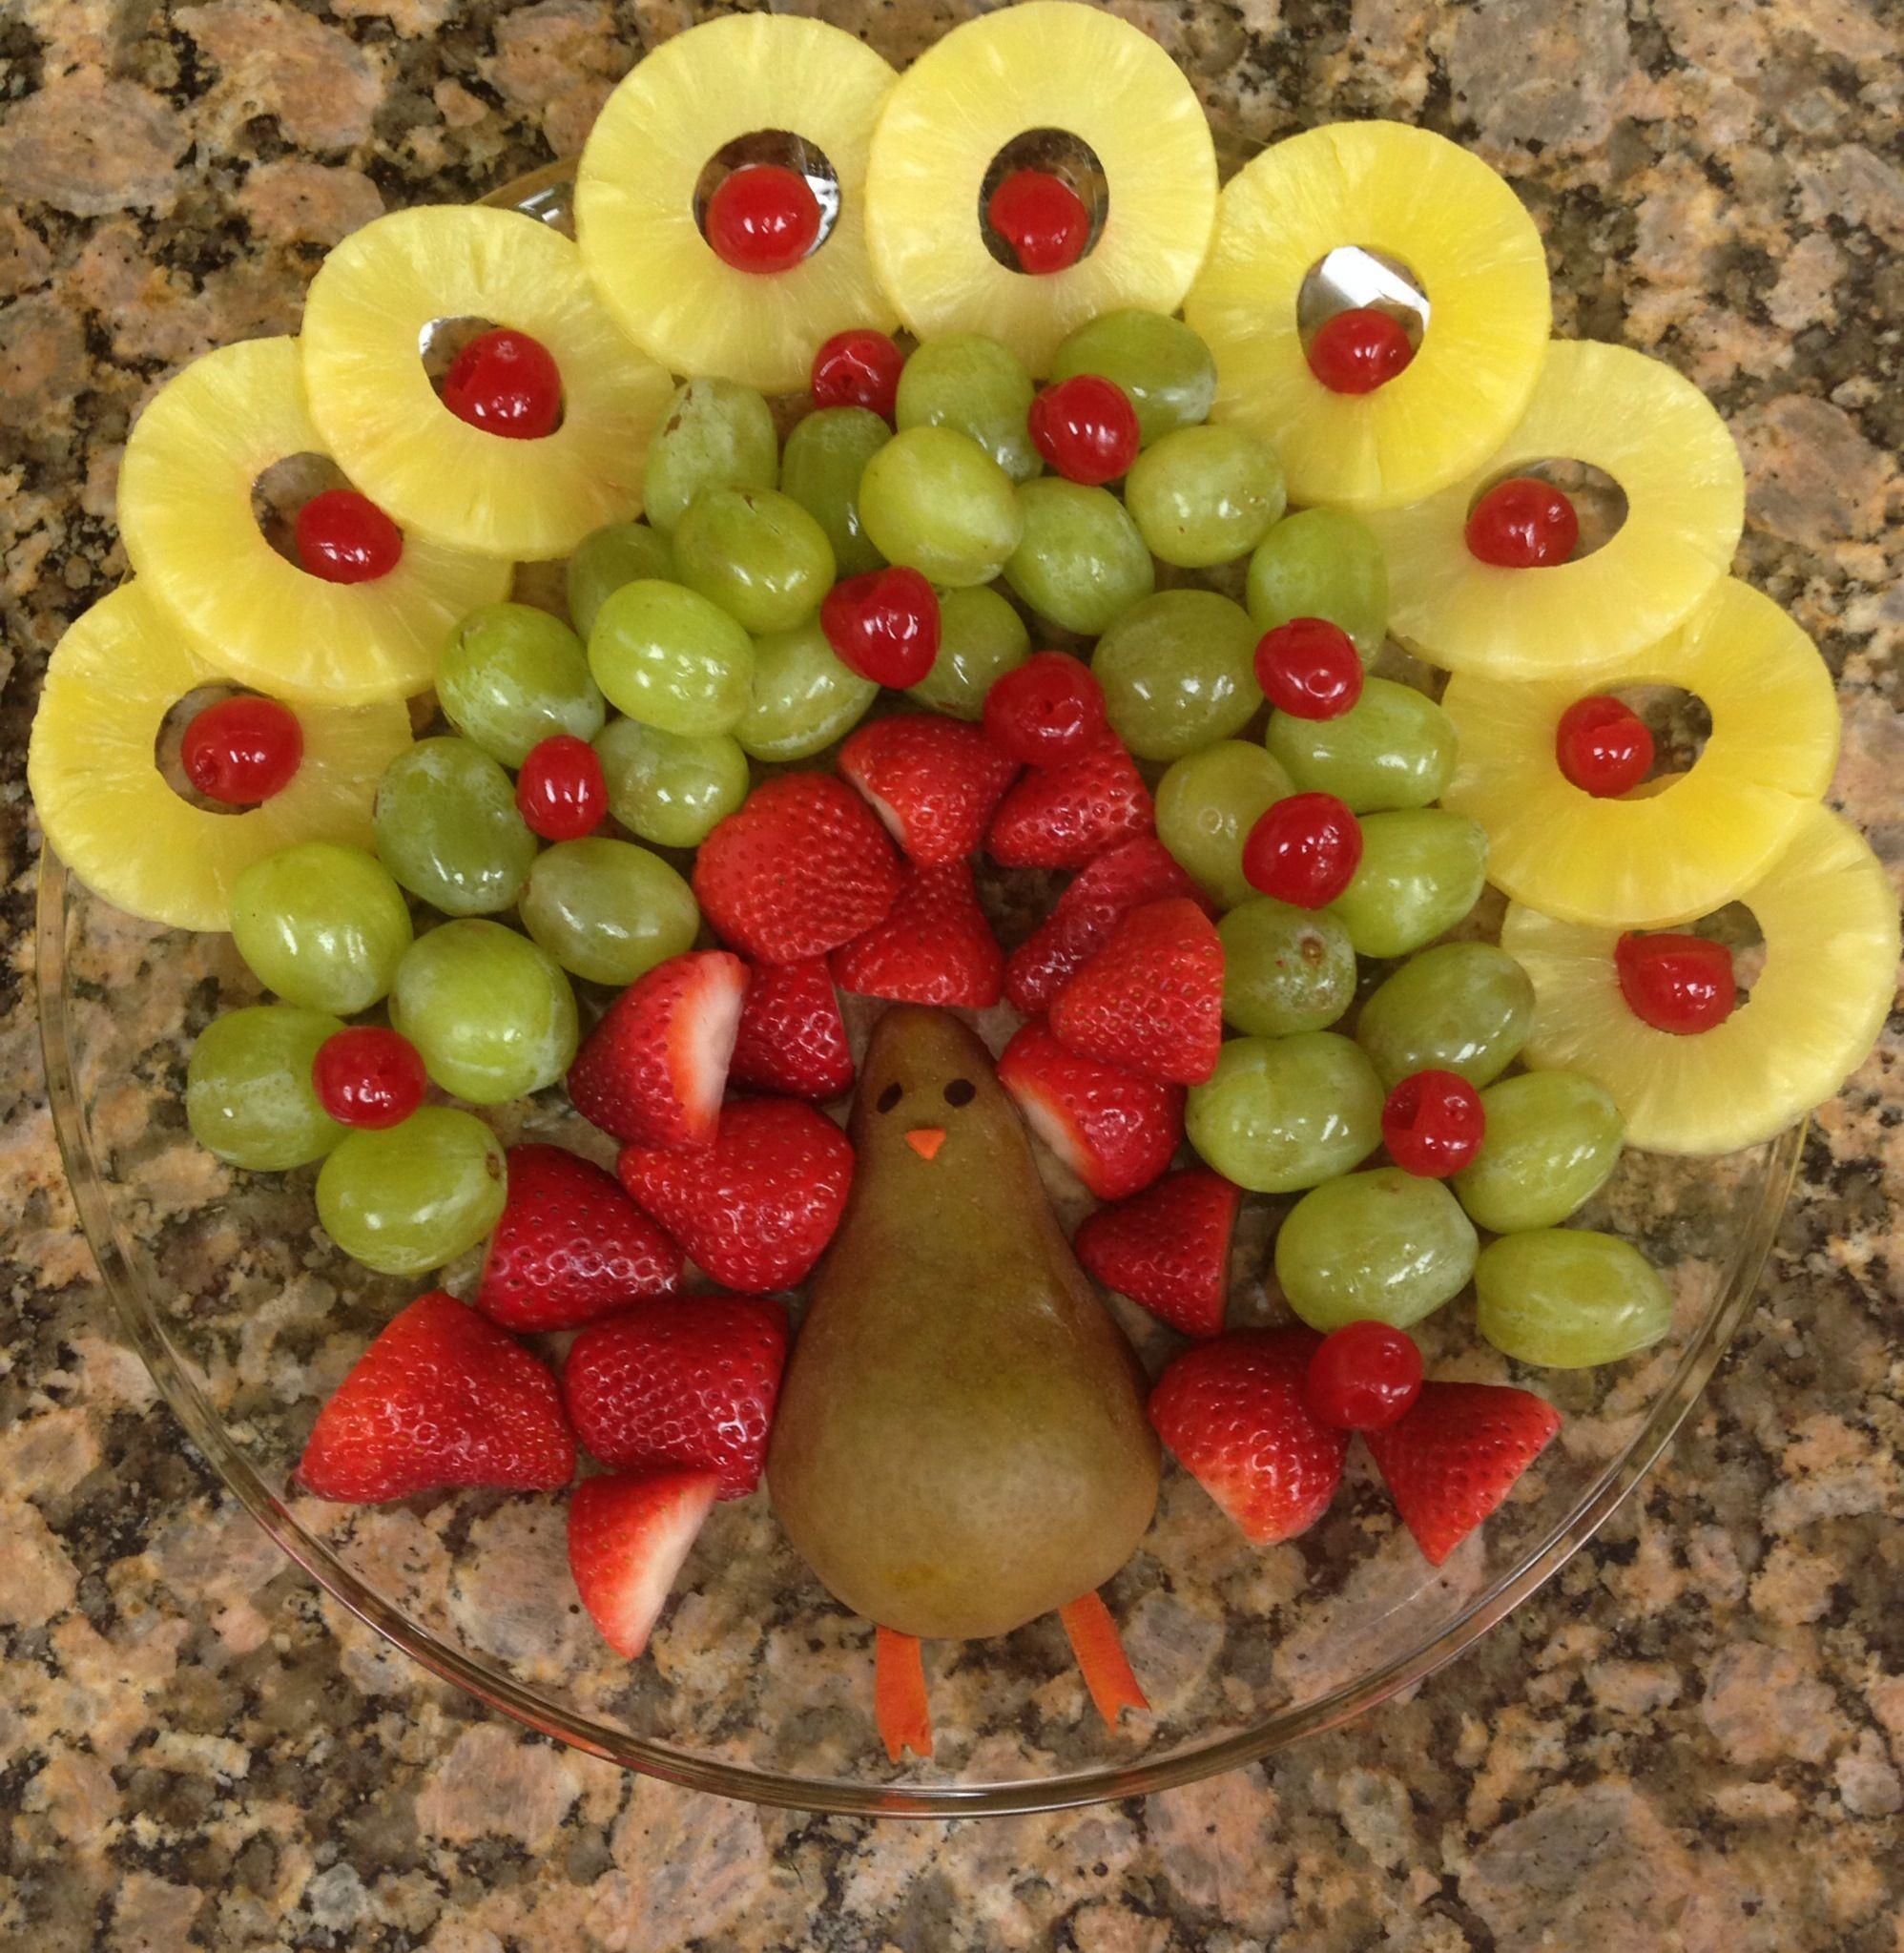 оформление блюд из фруктов фото картинки чеканка